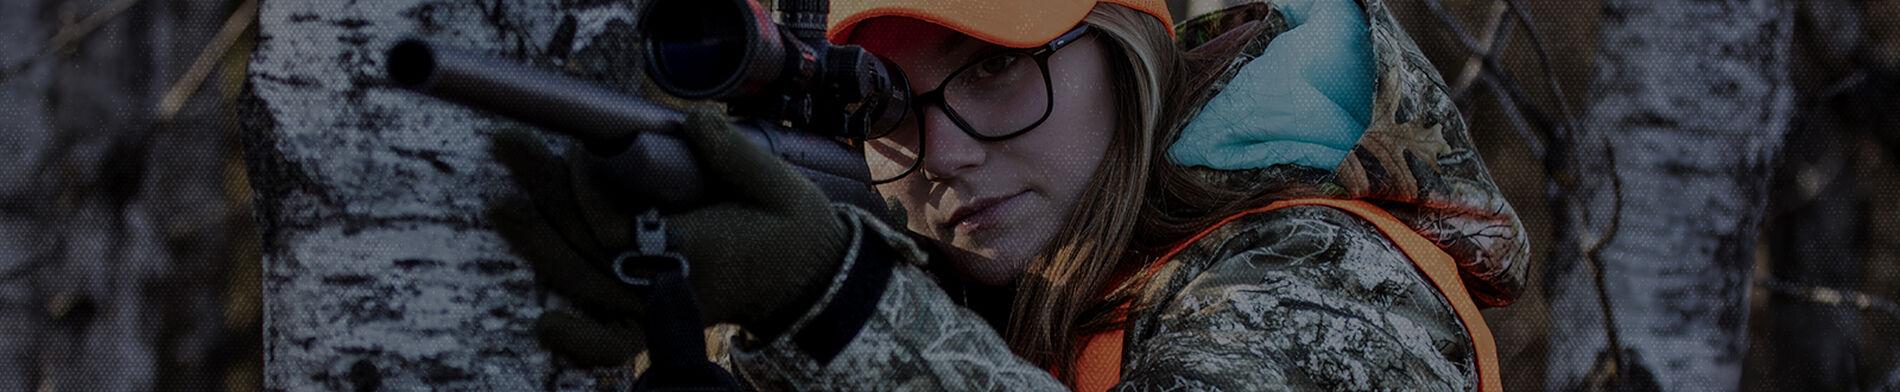 Handgun Magazine being loaded